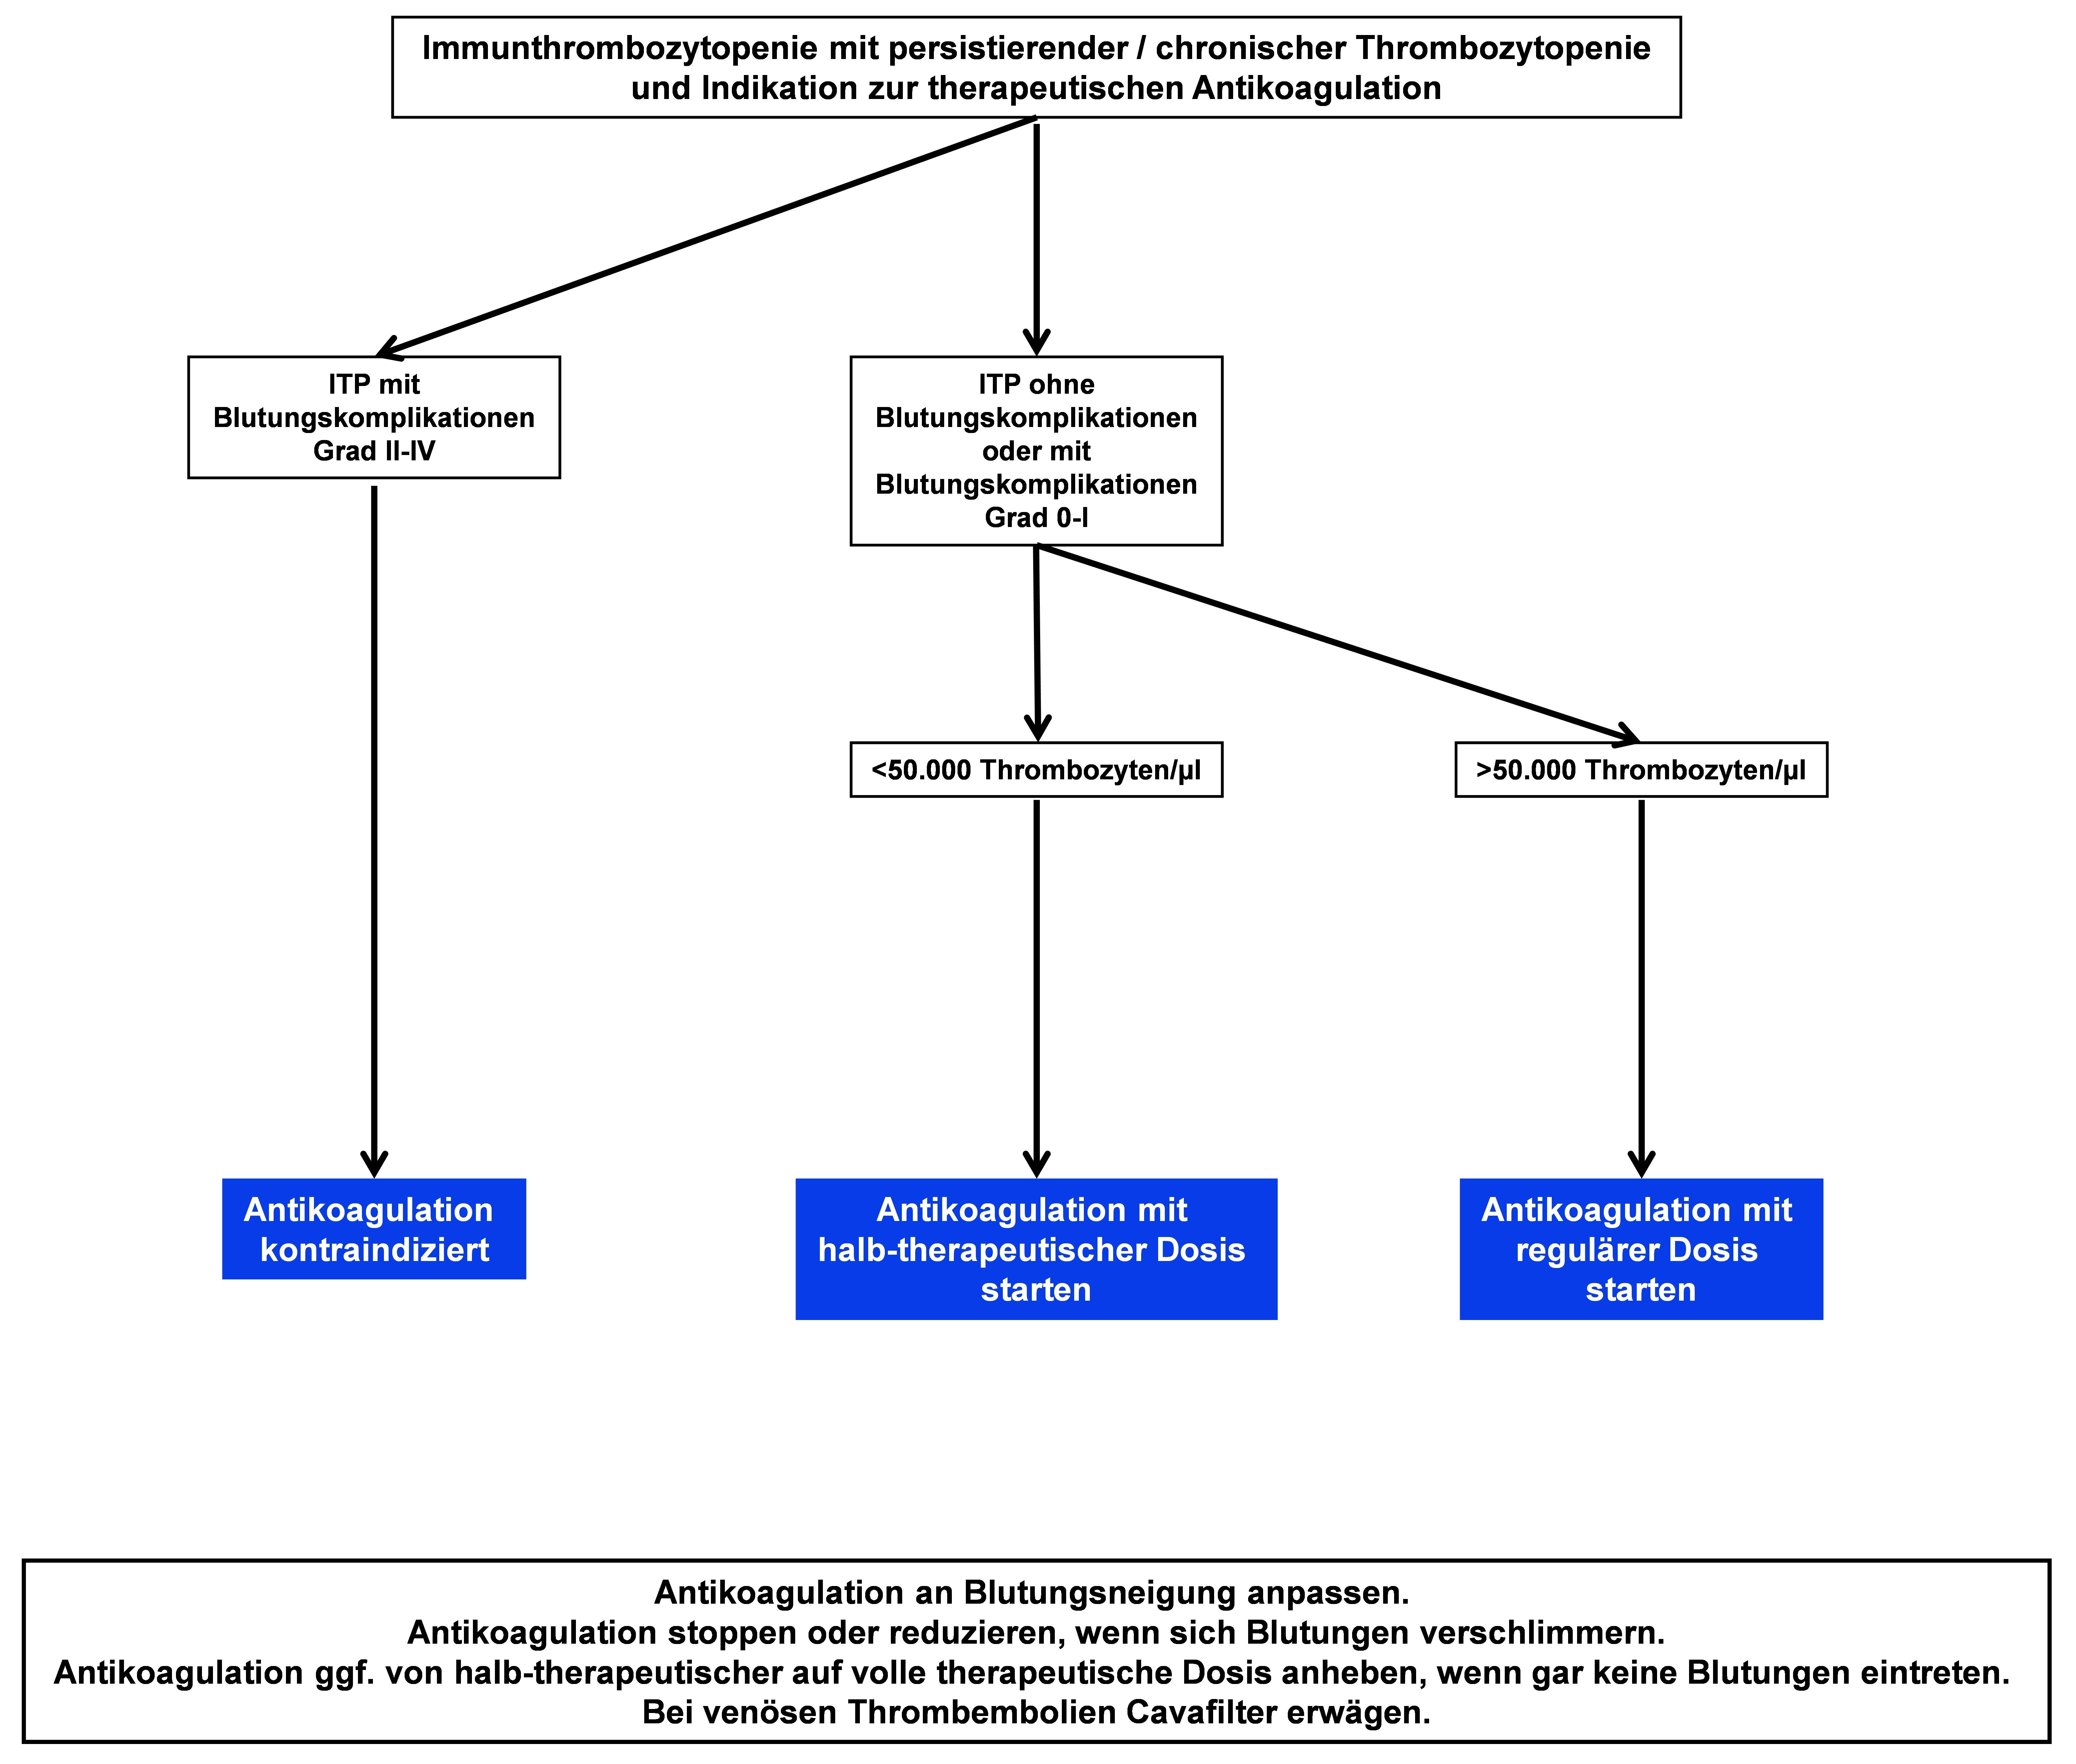 Therapiealgorithmus zur Antikoagulation mit niedermolekularem Heparin bei Immunthrombozytopenie